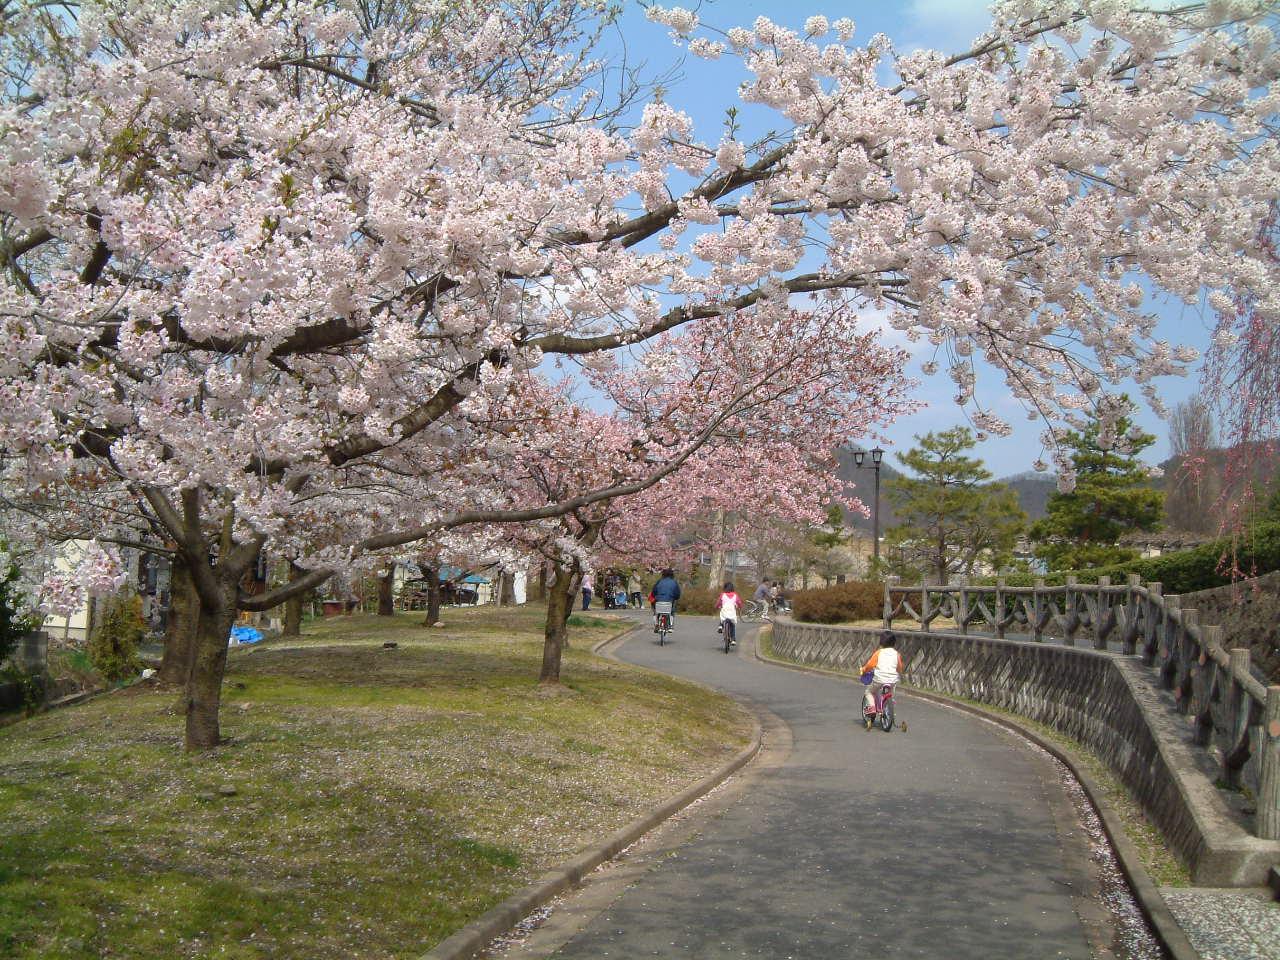 まほろばの緑道 桜開花情報(5/3):画像